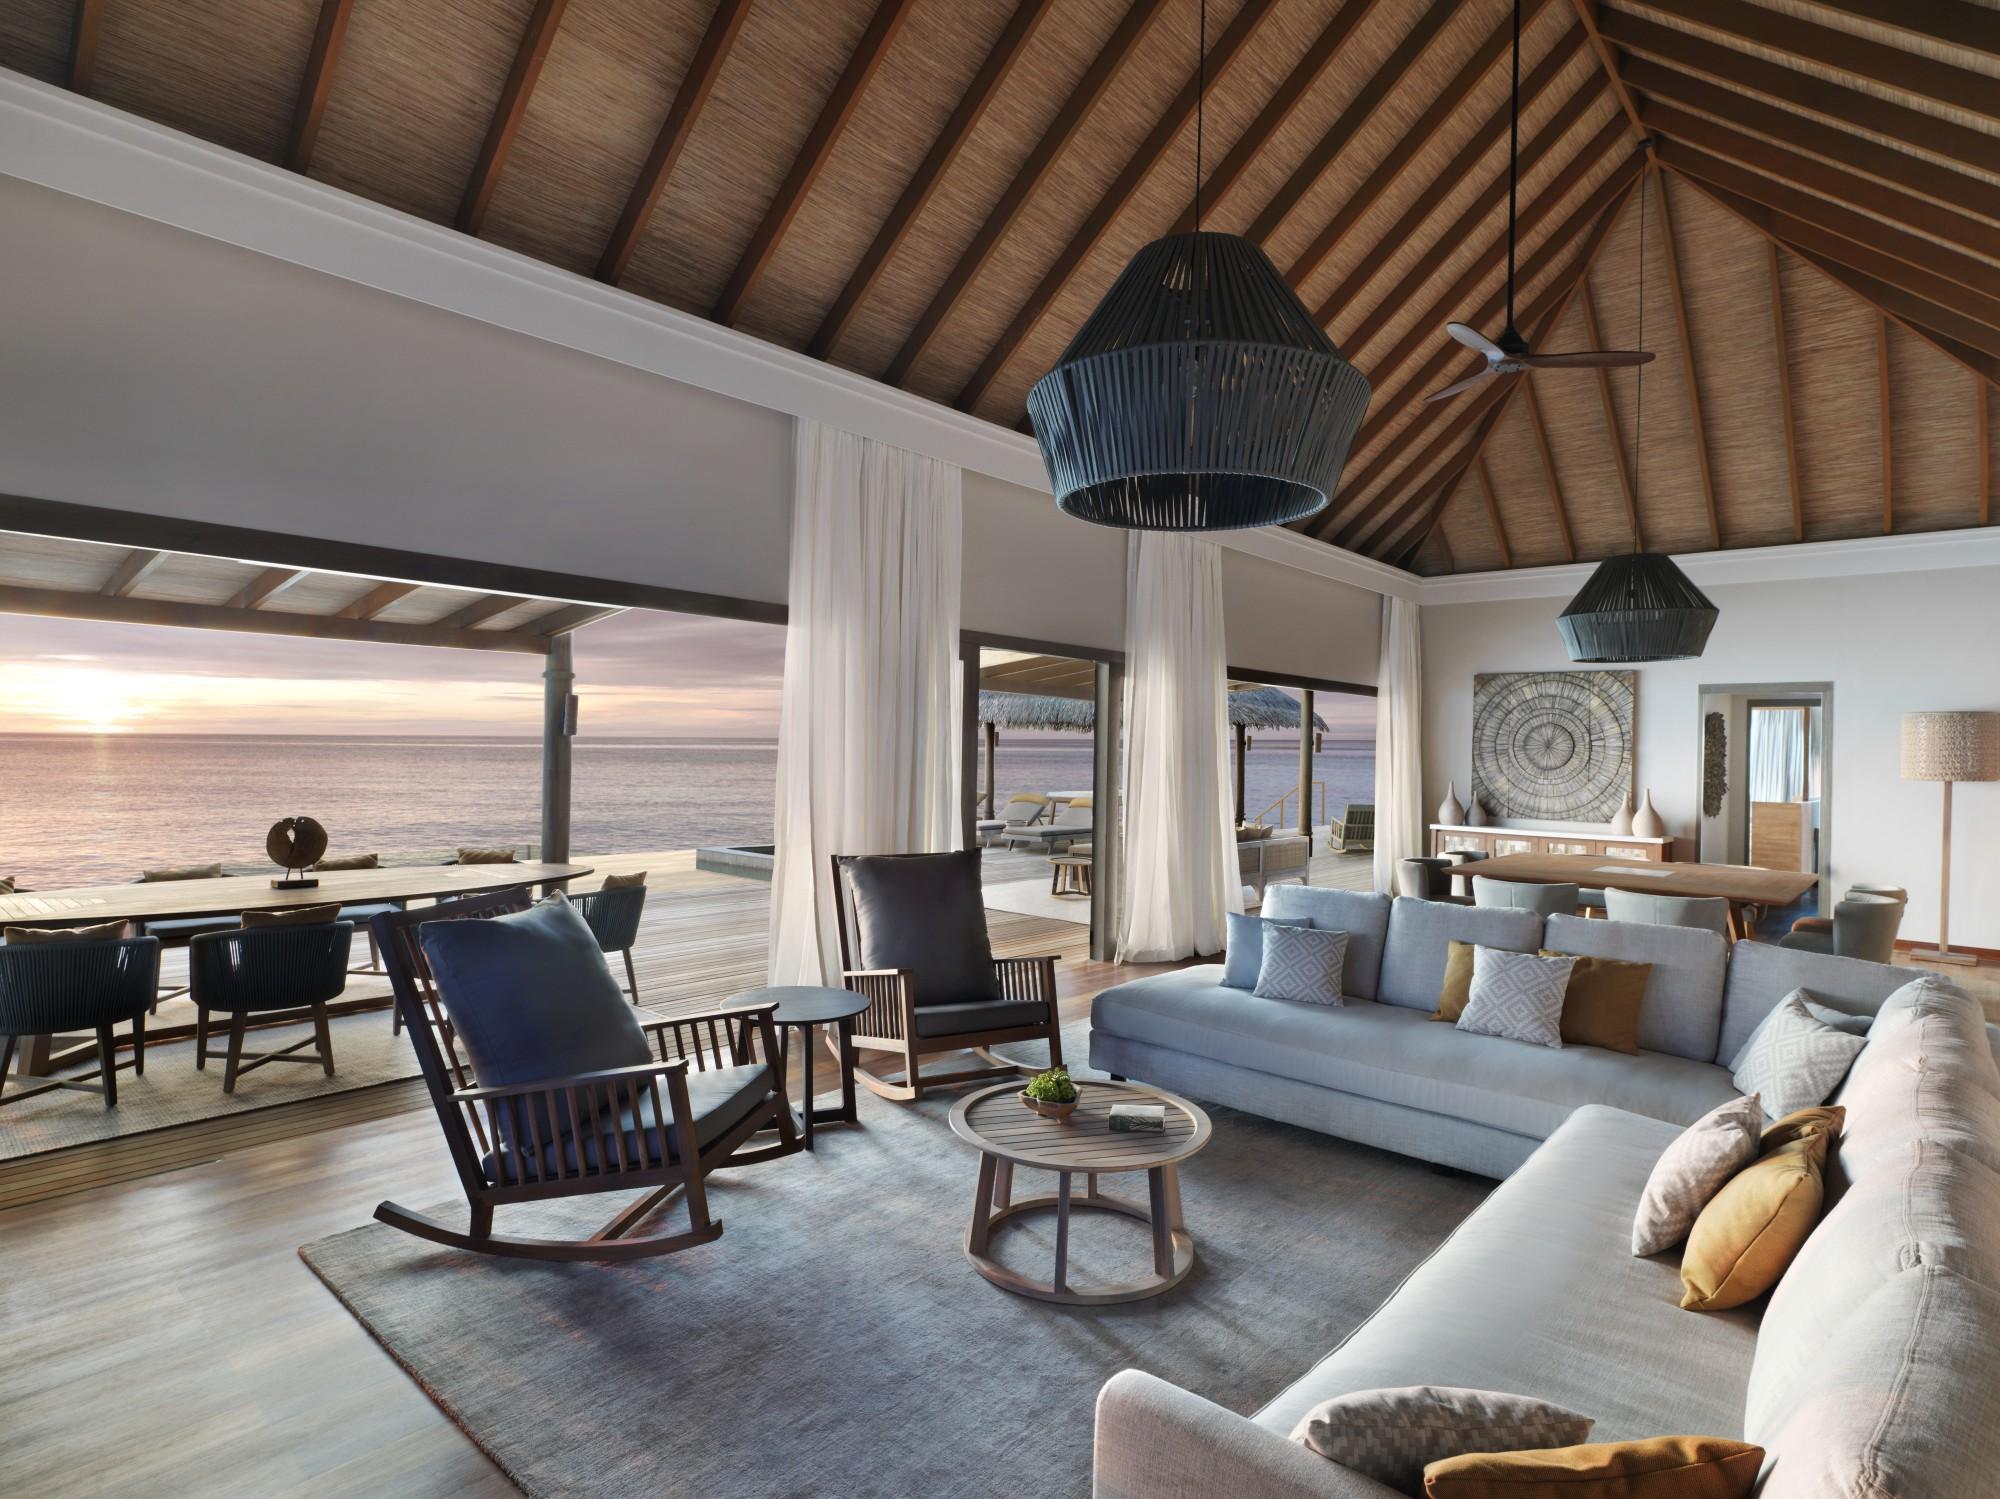 https://www.otdesign.com/wp-content/uploads/2020/11/OTdesign_Vakkaru_residence-living-room.jpg